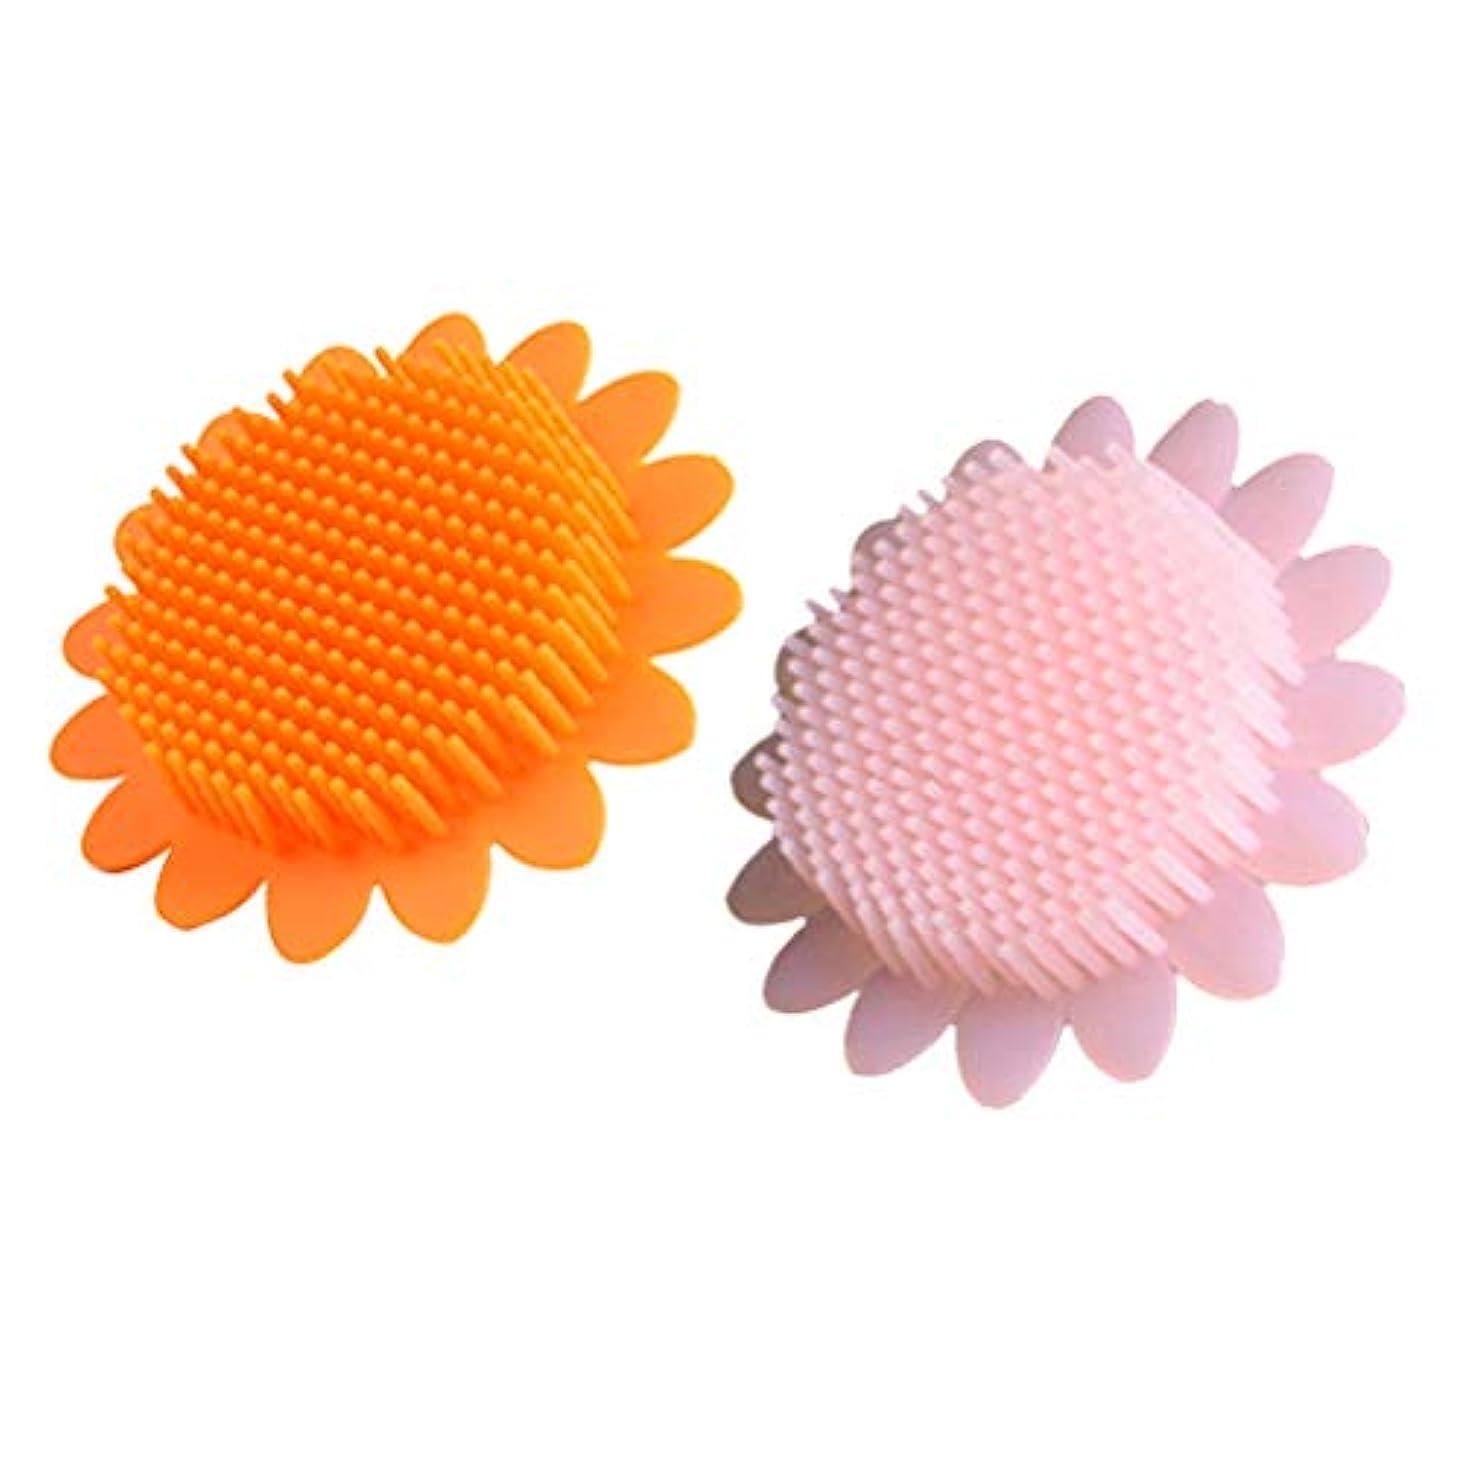 夢セージ誠実Beaupretty 2本の赤ちゃん風呂ブラシシリコーンボディブラシ頭皮マッサージブラシ赤ちゃんのためのシャンプーブラシ(オレンジ+ピンク)